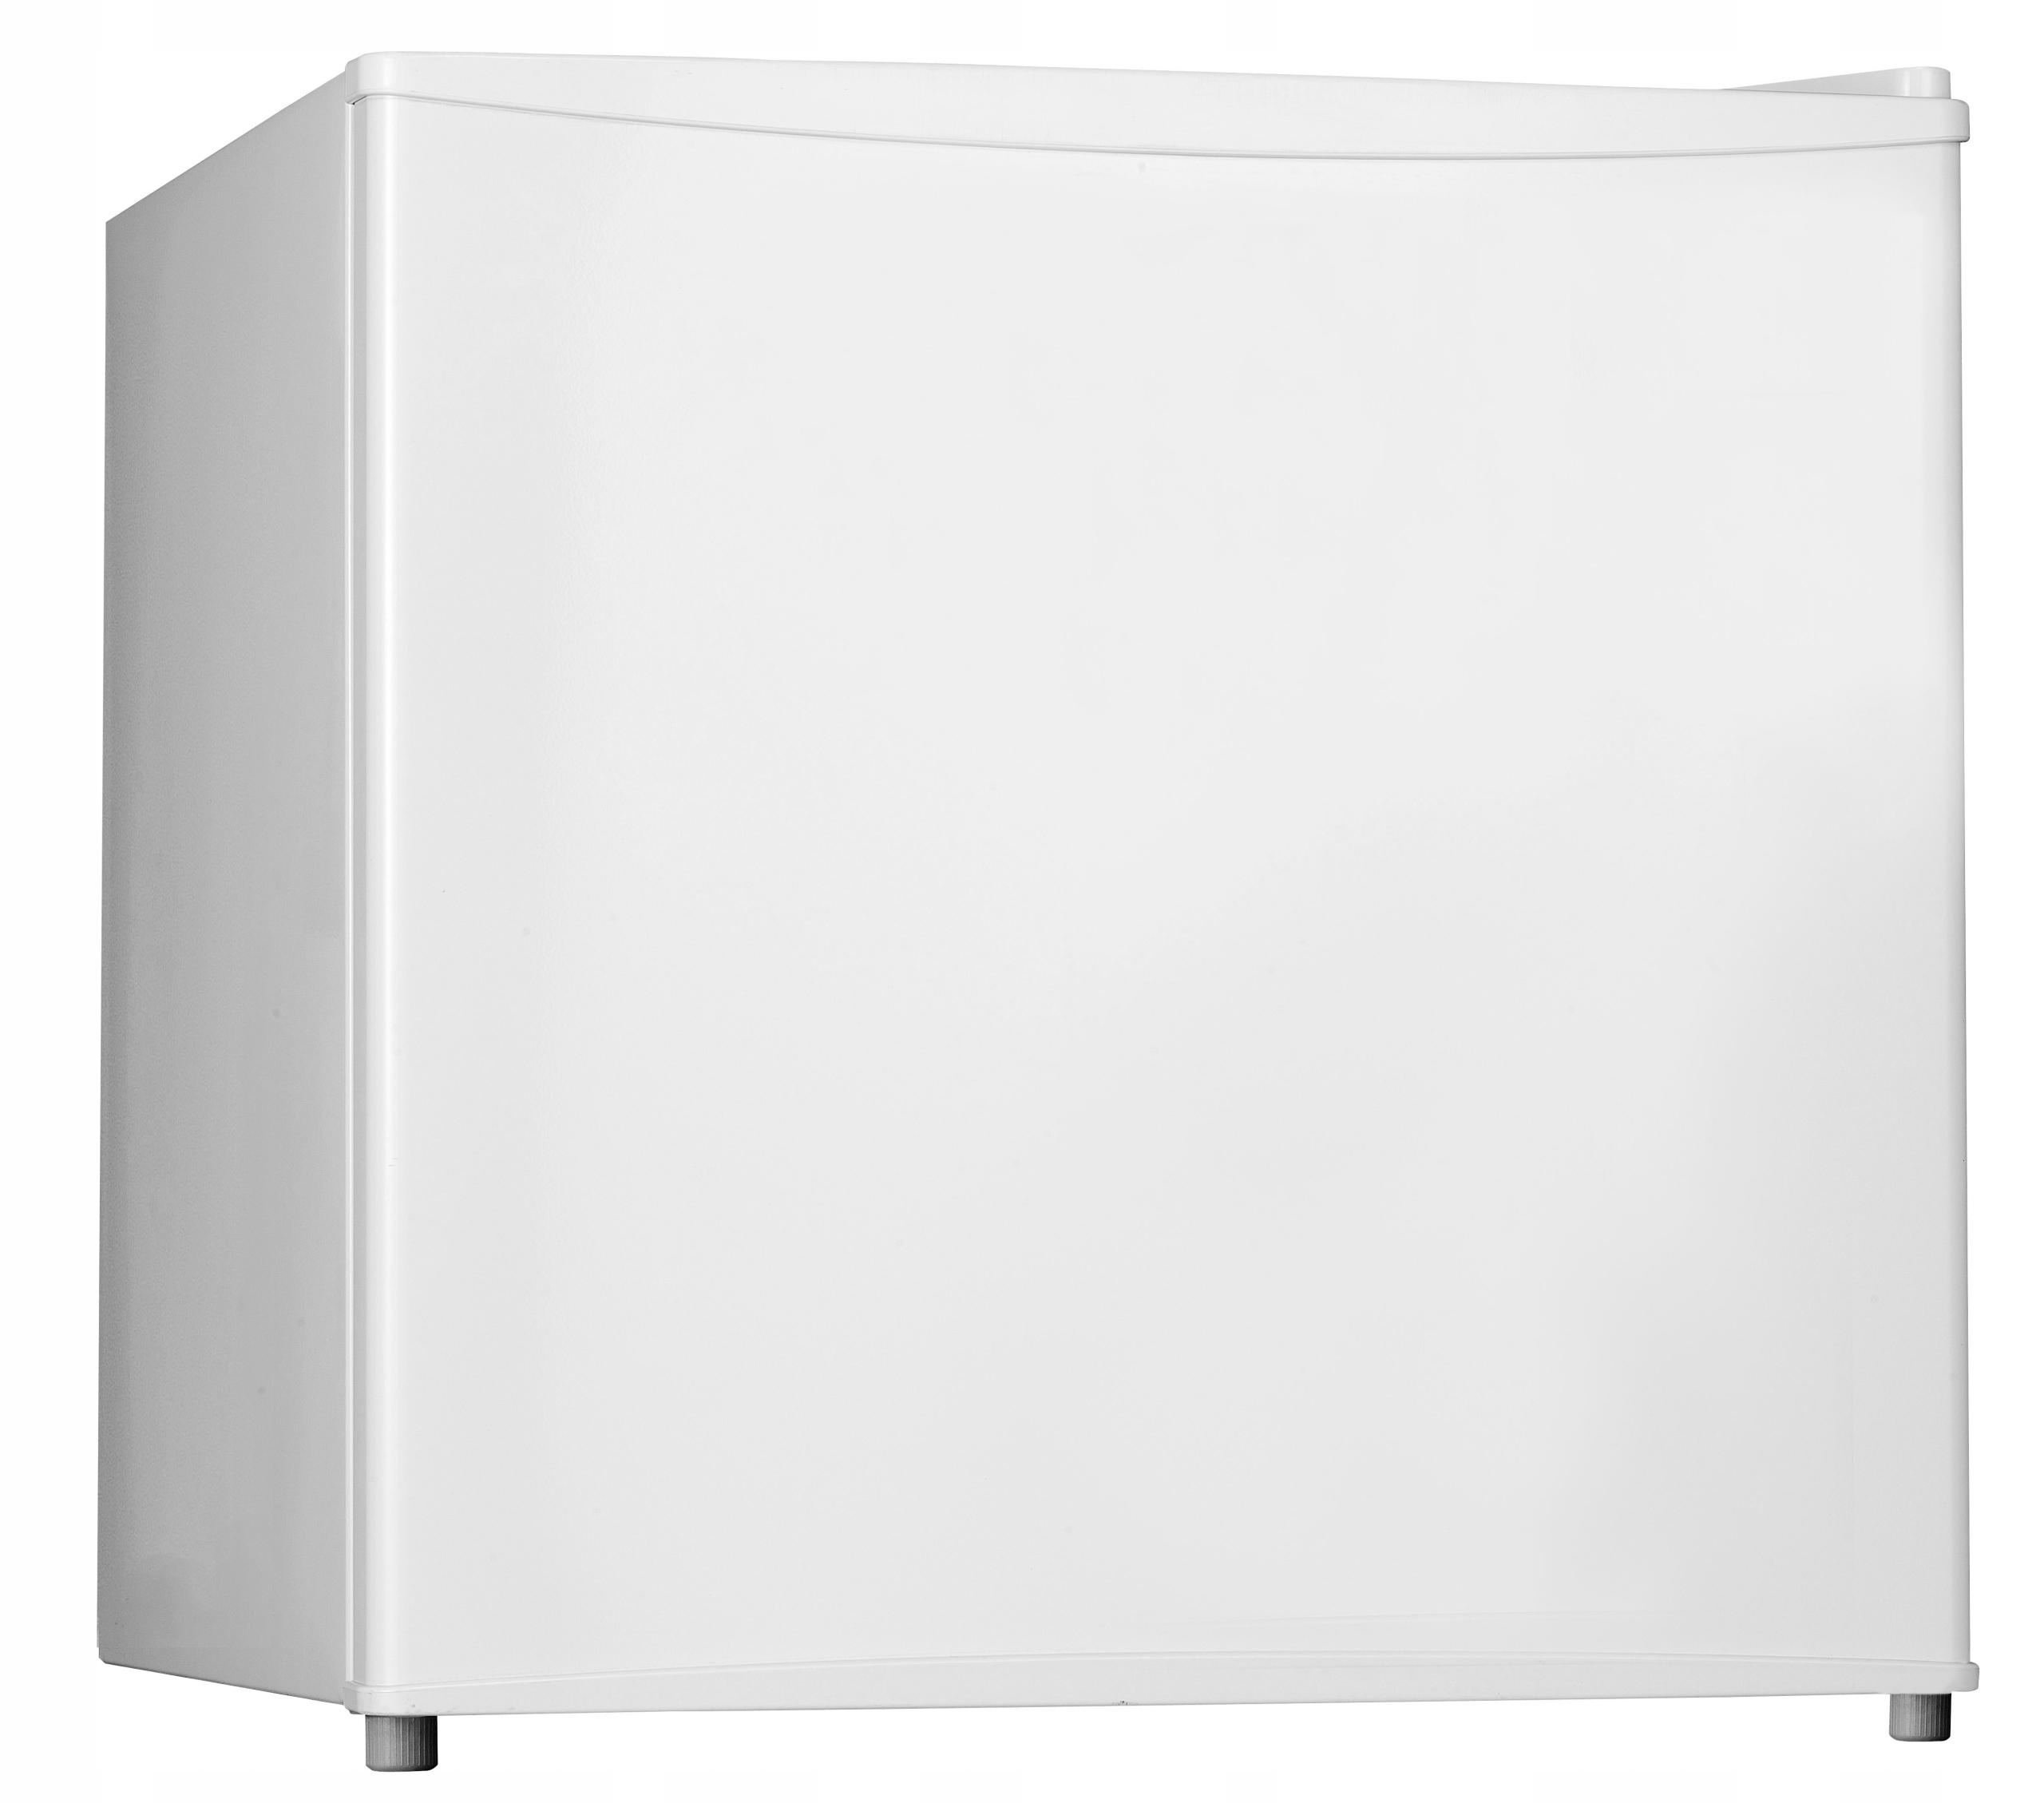 Небольшой эффективный холодильник холодильник мини-бар